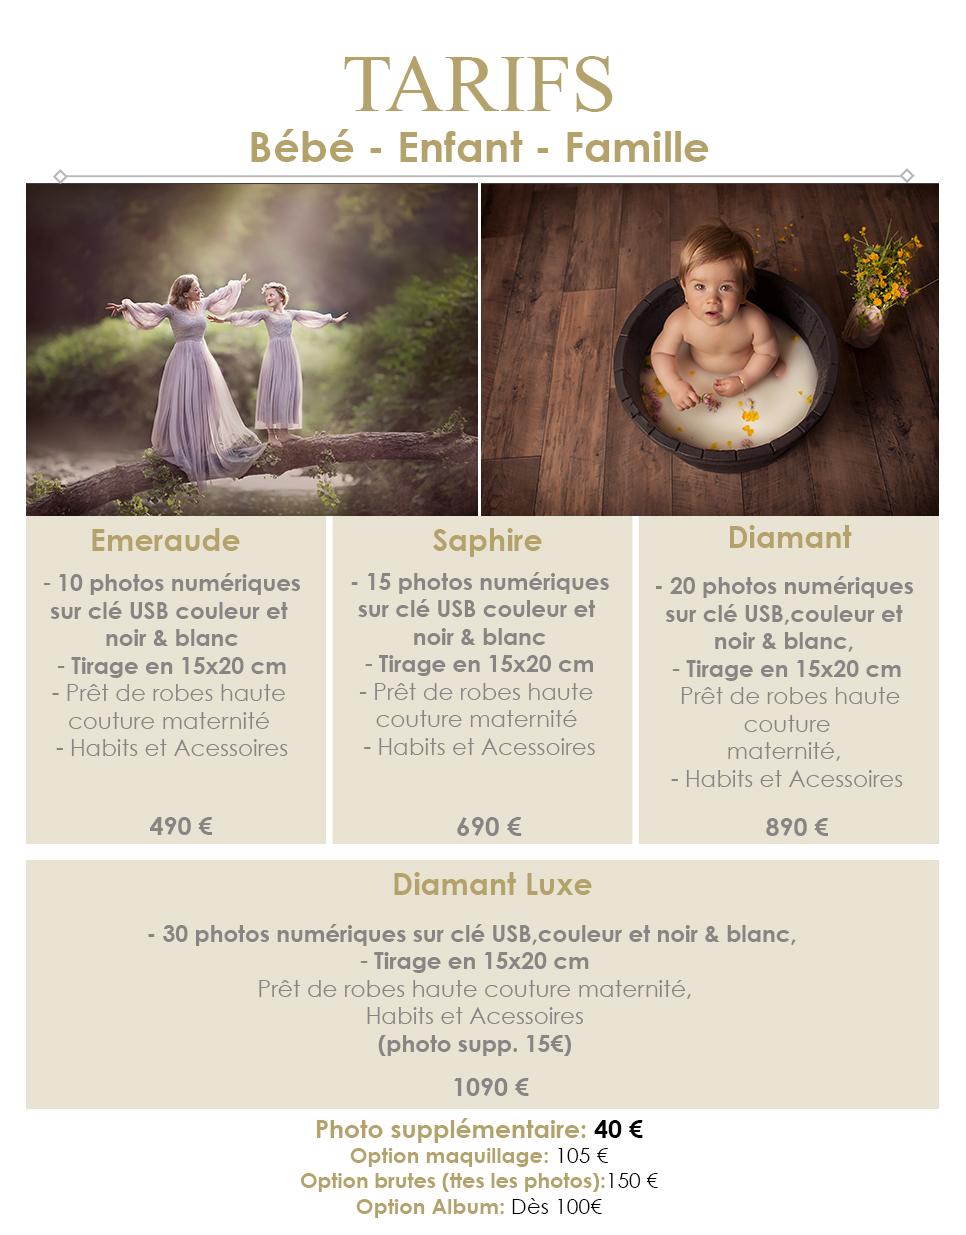 Tarifs-Bébé-enfant-famille